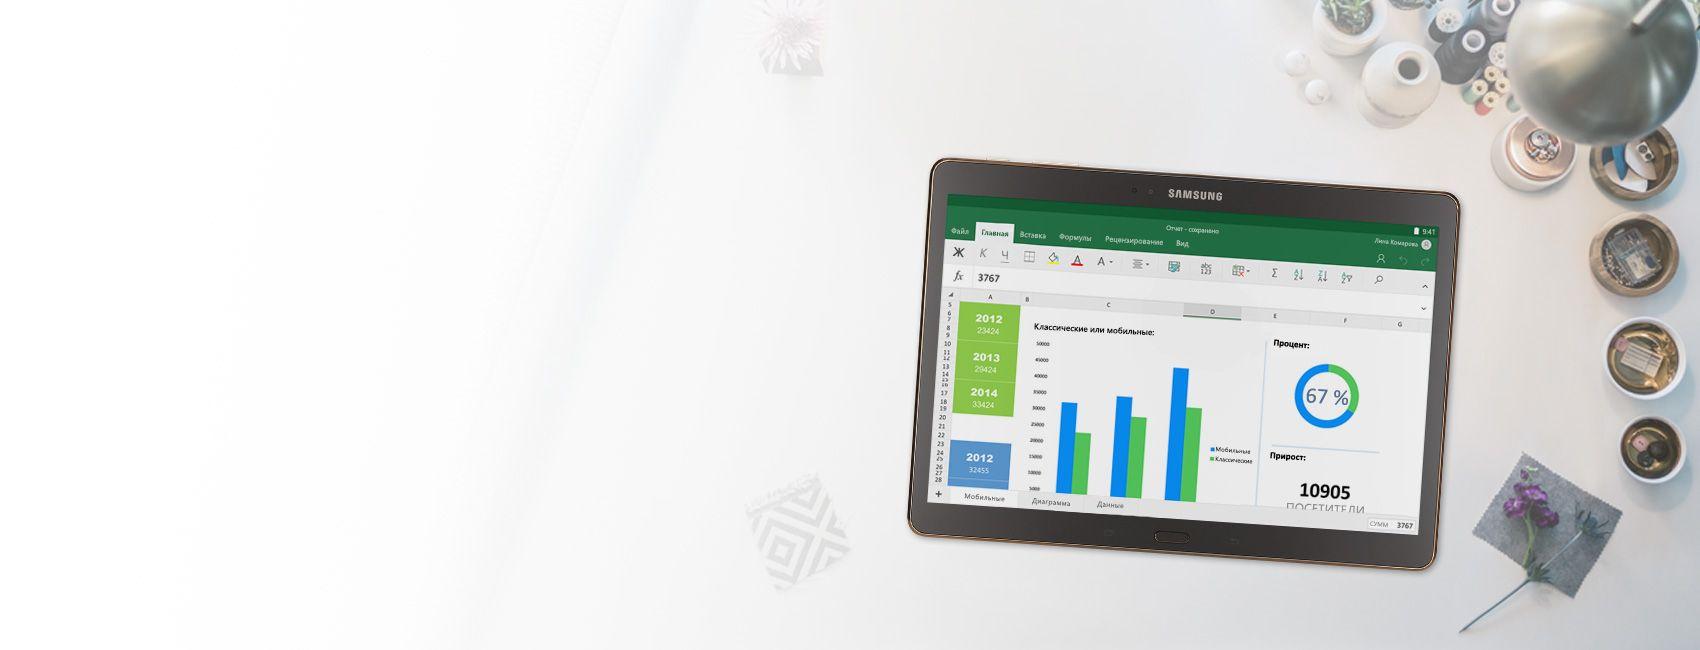 Отчет Excel с диаграммами на экране планшета.